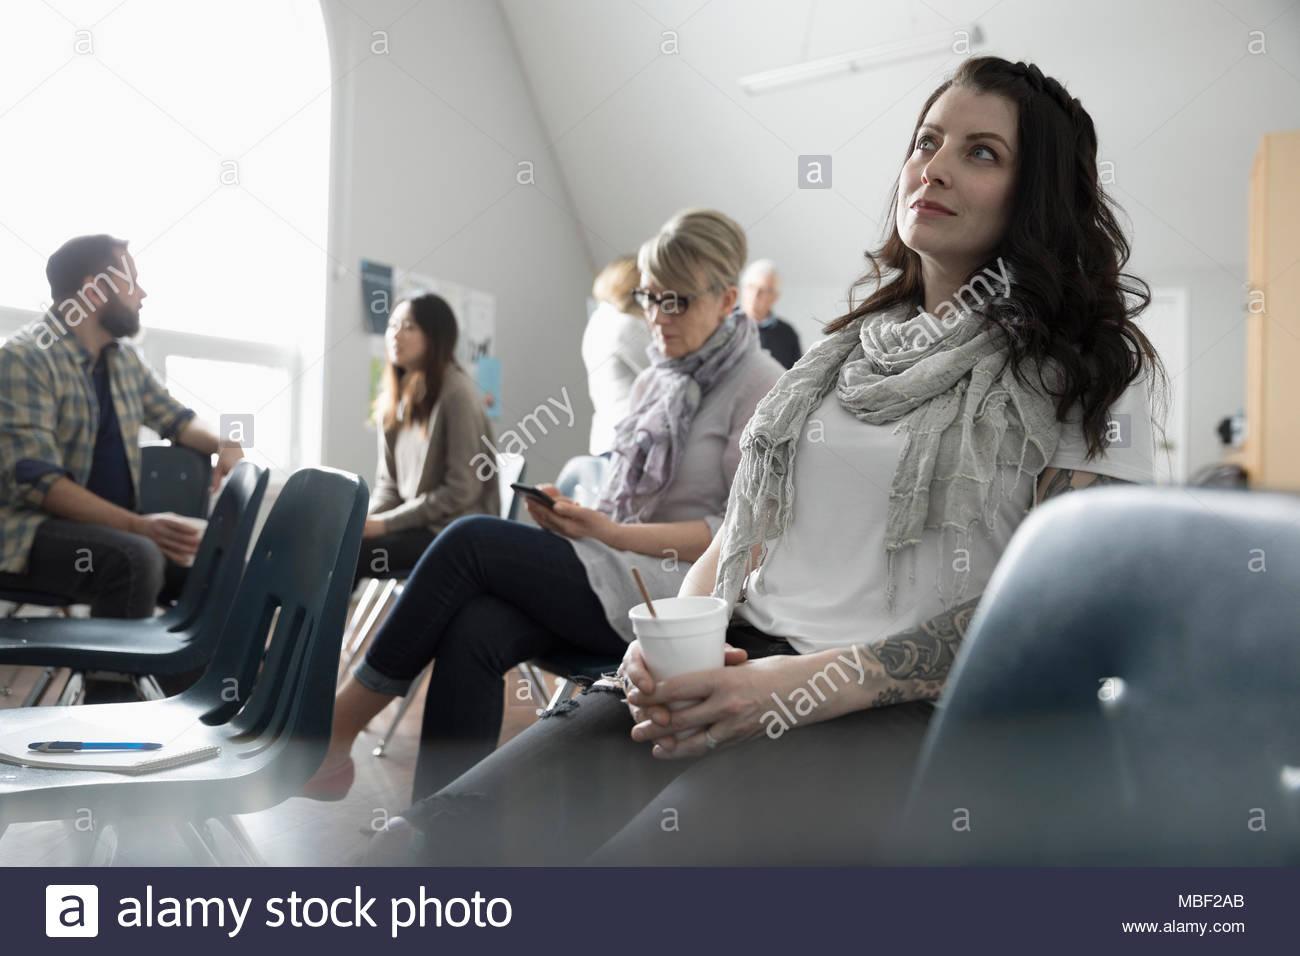 Premurosa donna a bere caffè e ascolto al gruppo di supporto nel centro comunitario Immagini Stock